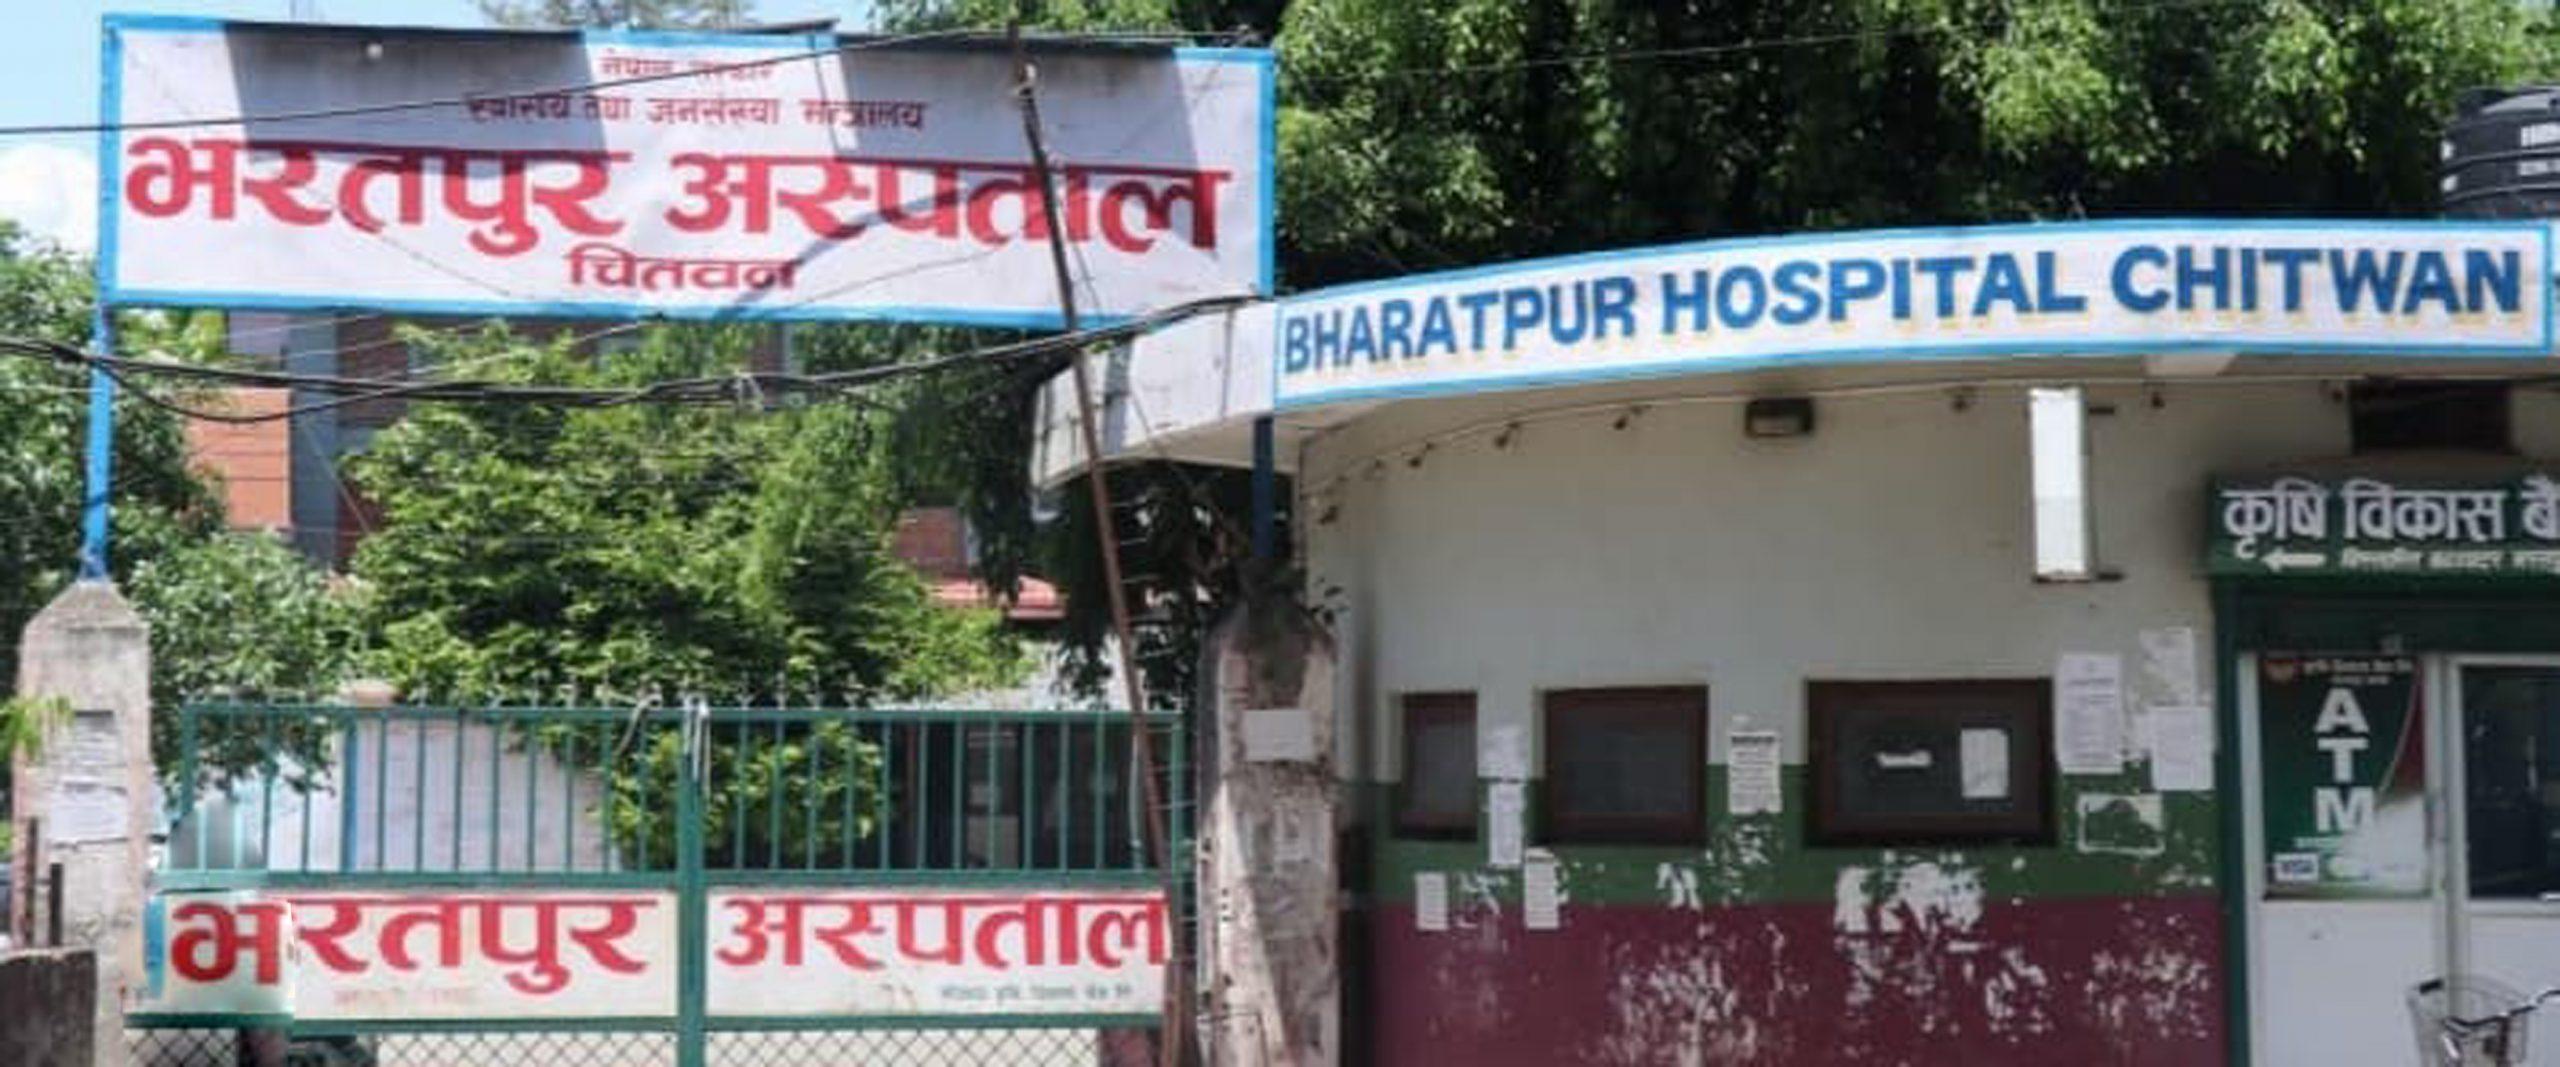 भरतपुर अस्पतालमा आजदेखि जनरल ओपिडी सेवा :  बिहान ८ः३० बजेदेखि दिउसो ३:०० वजेसम्म सञ्चालनमा रहने